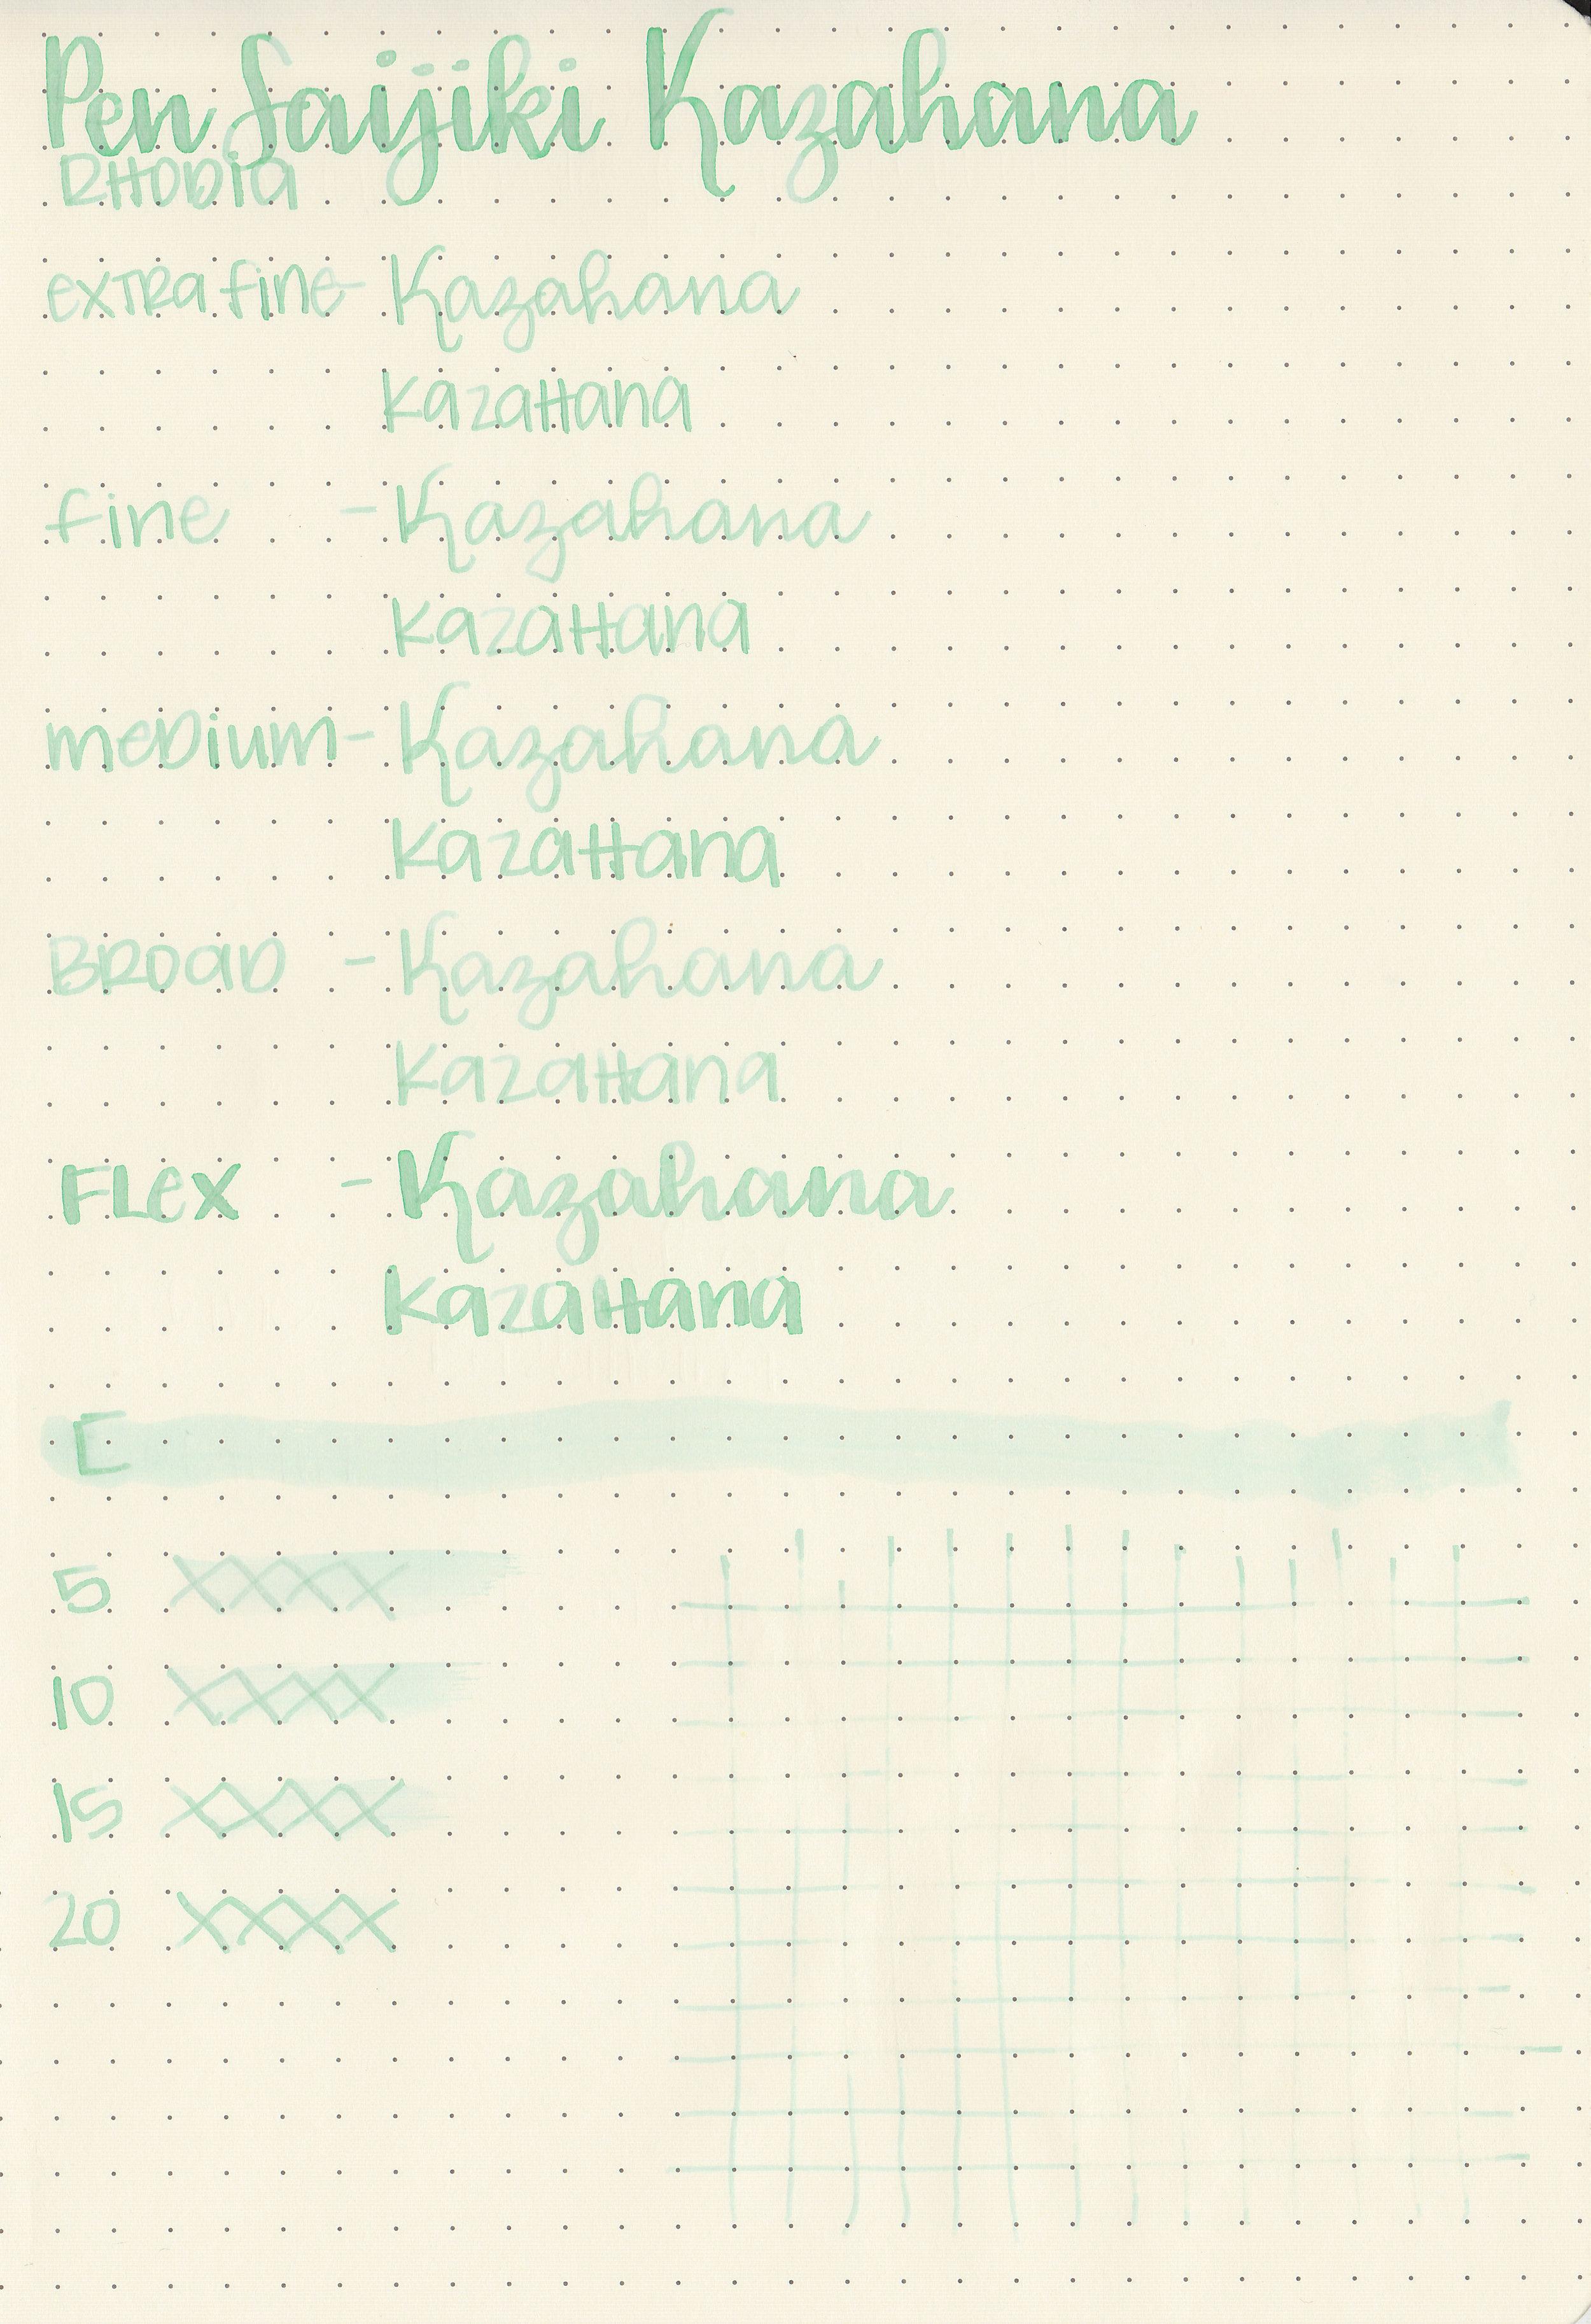 ps-kazahana-5.jpg